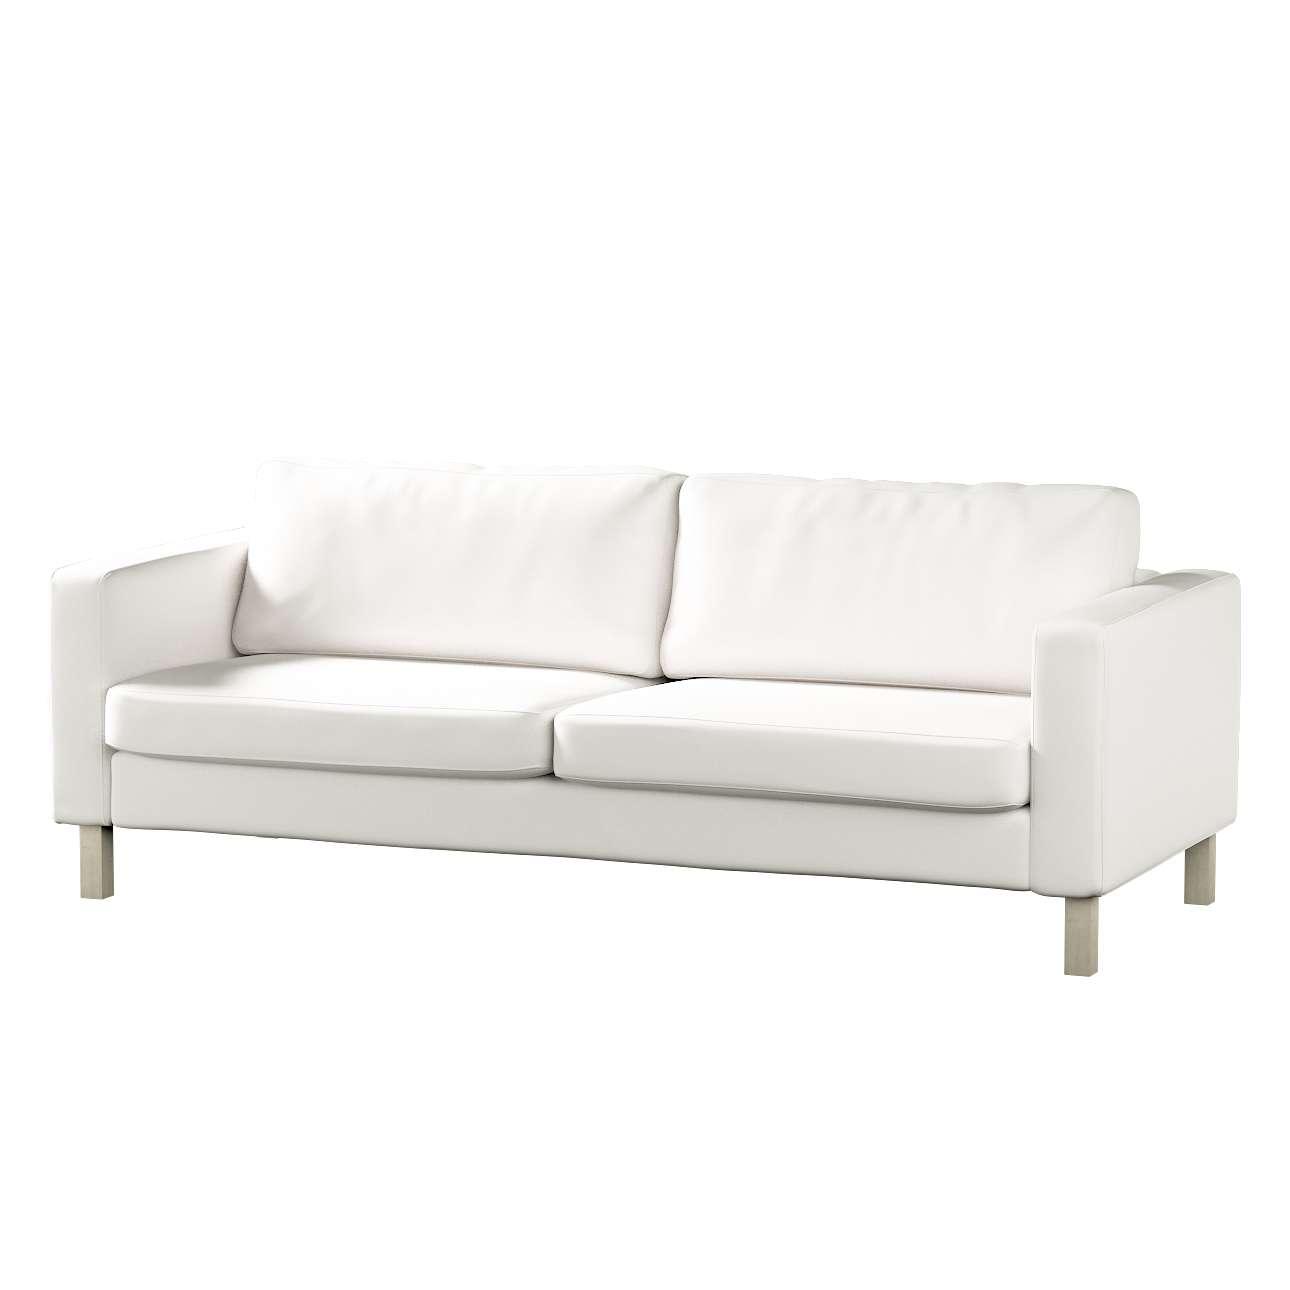 Poťah na sedačku Karlstad (nerozkladá sa, pre 3 osoby, krátka) Poťah na sedačku Karlstad - pre 3 osoby, nerozkladá sa, krátka V kolekcii Cotton Panama, tkanina: 702-34